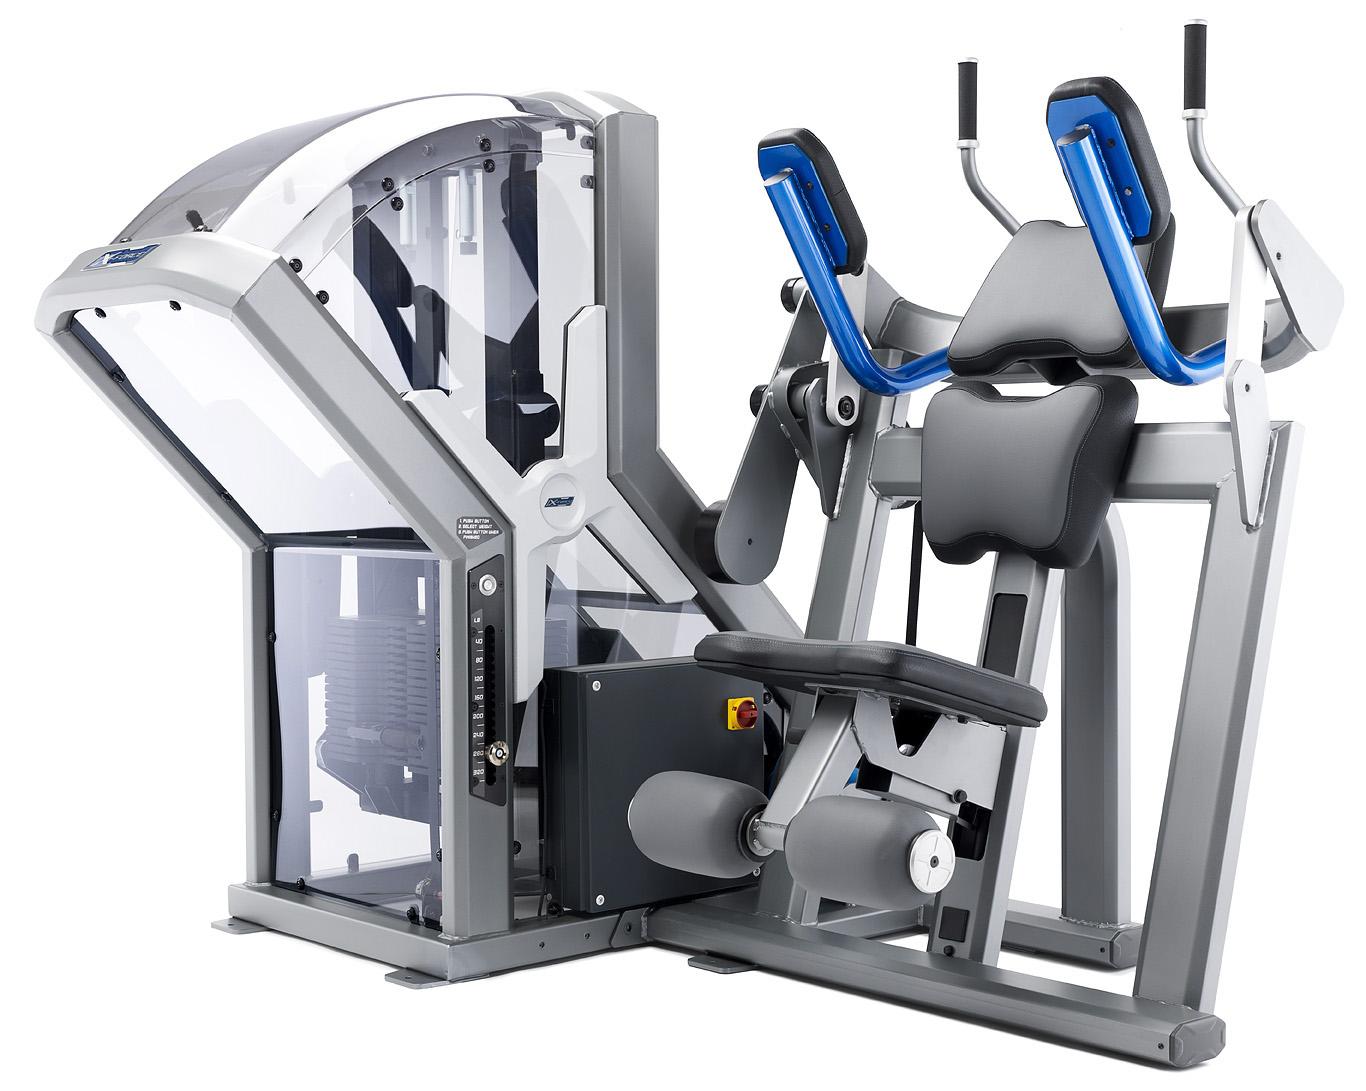 machine abdominal crunches